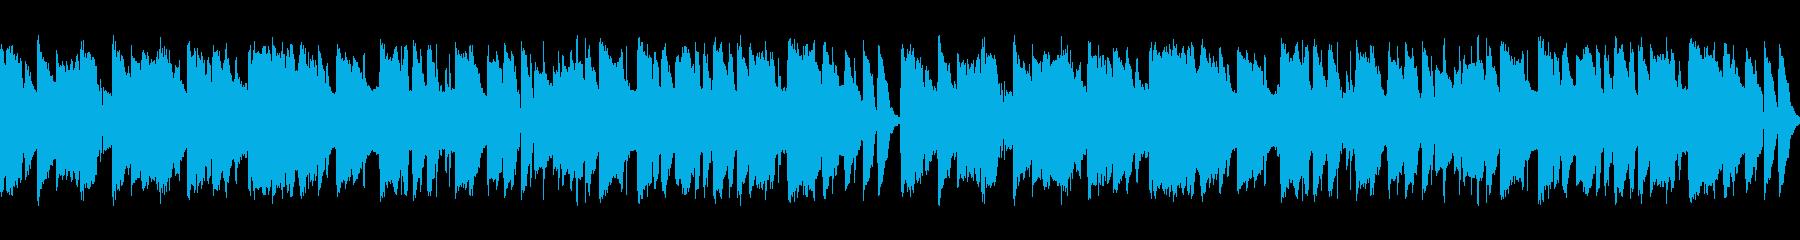 ドライブドラム、パンチの効いたブラ...の再生済みの波形